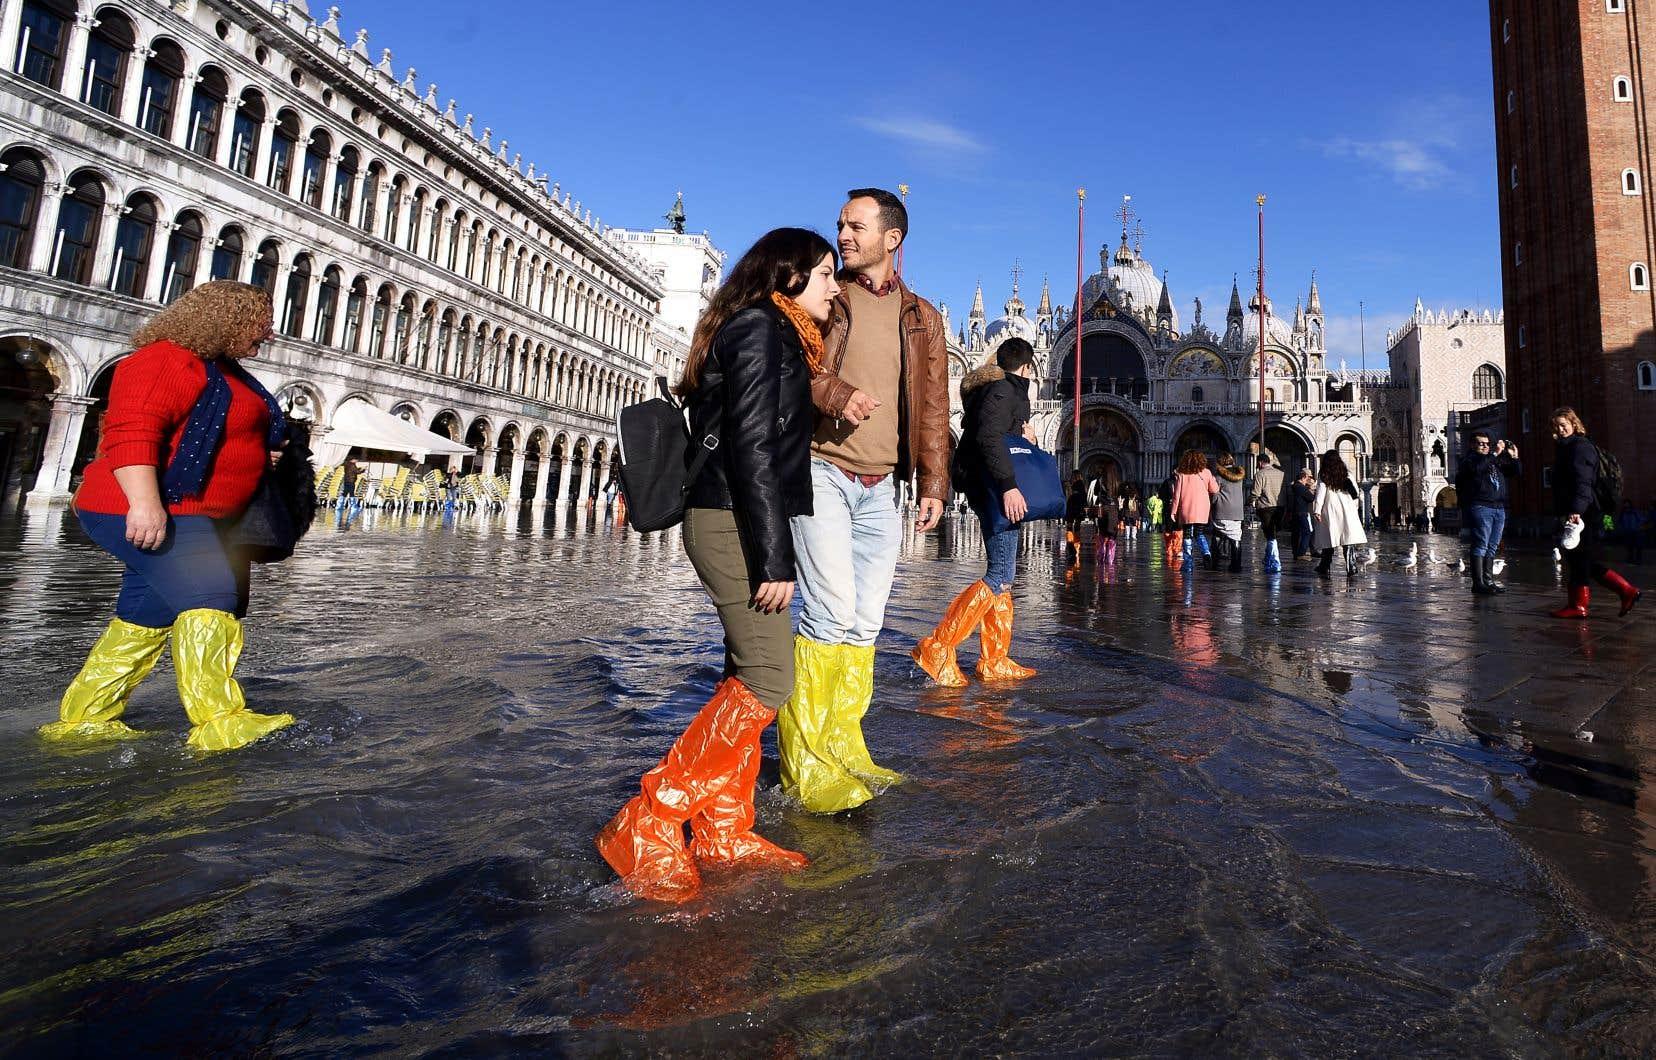 La situation était nettement moins tendue jeudi sur la place Saint-Marc, où des touristes insouciants s'amusaient à patauger, bottes orange, bleues ou jaunes aux pieds.